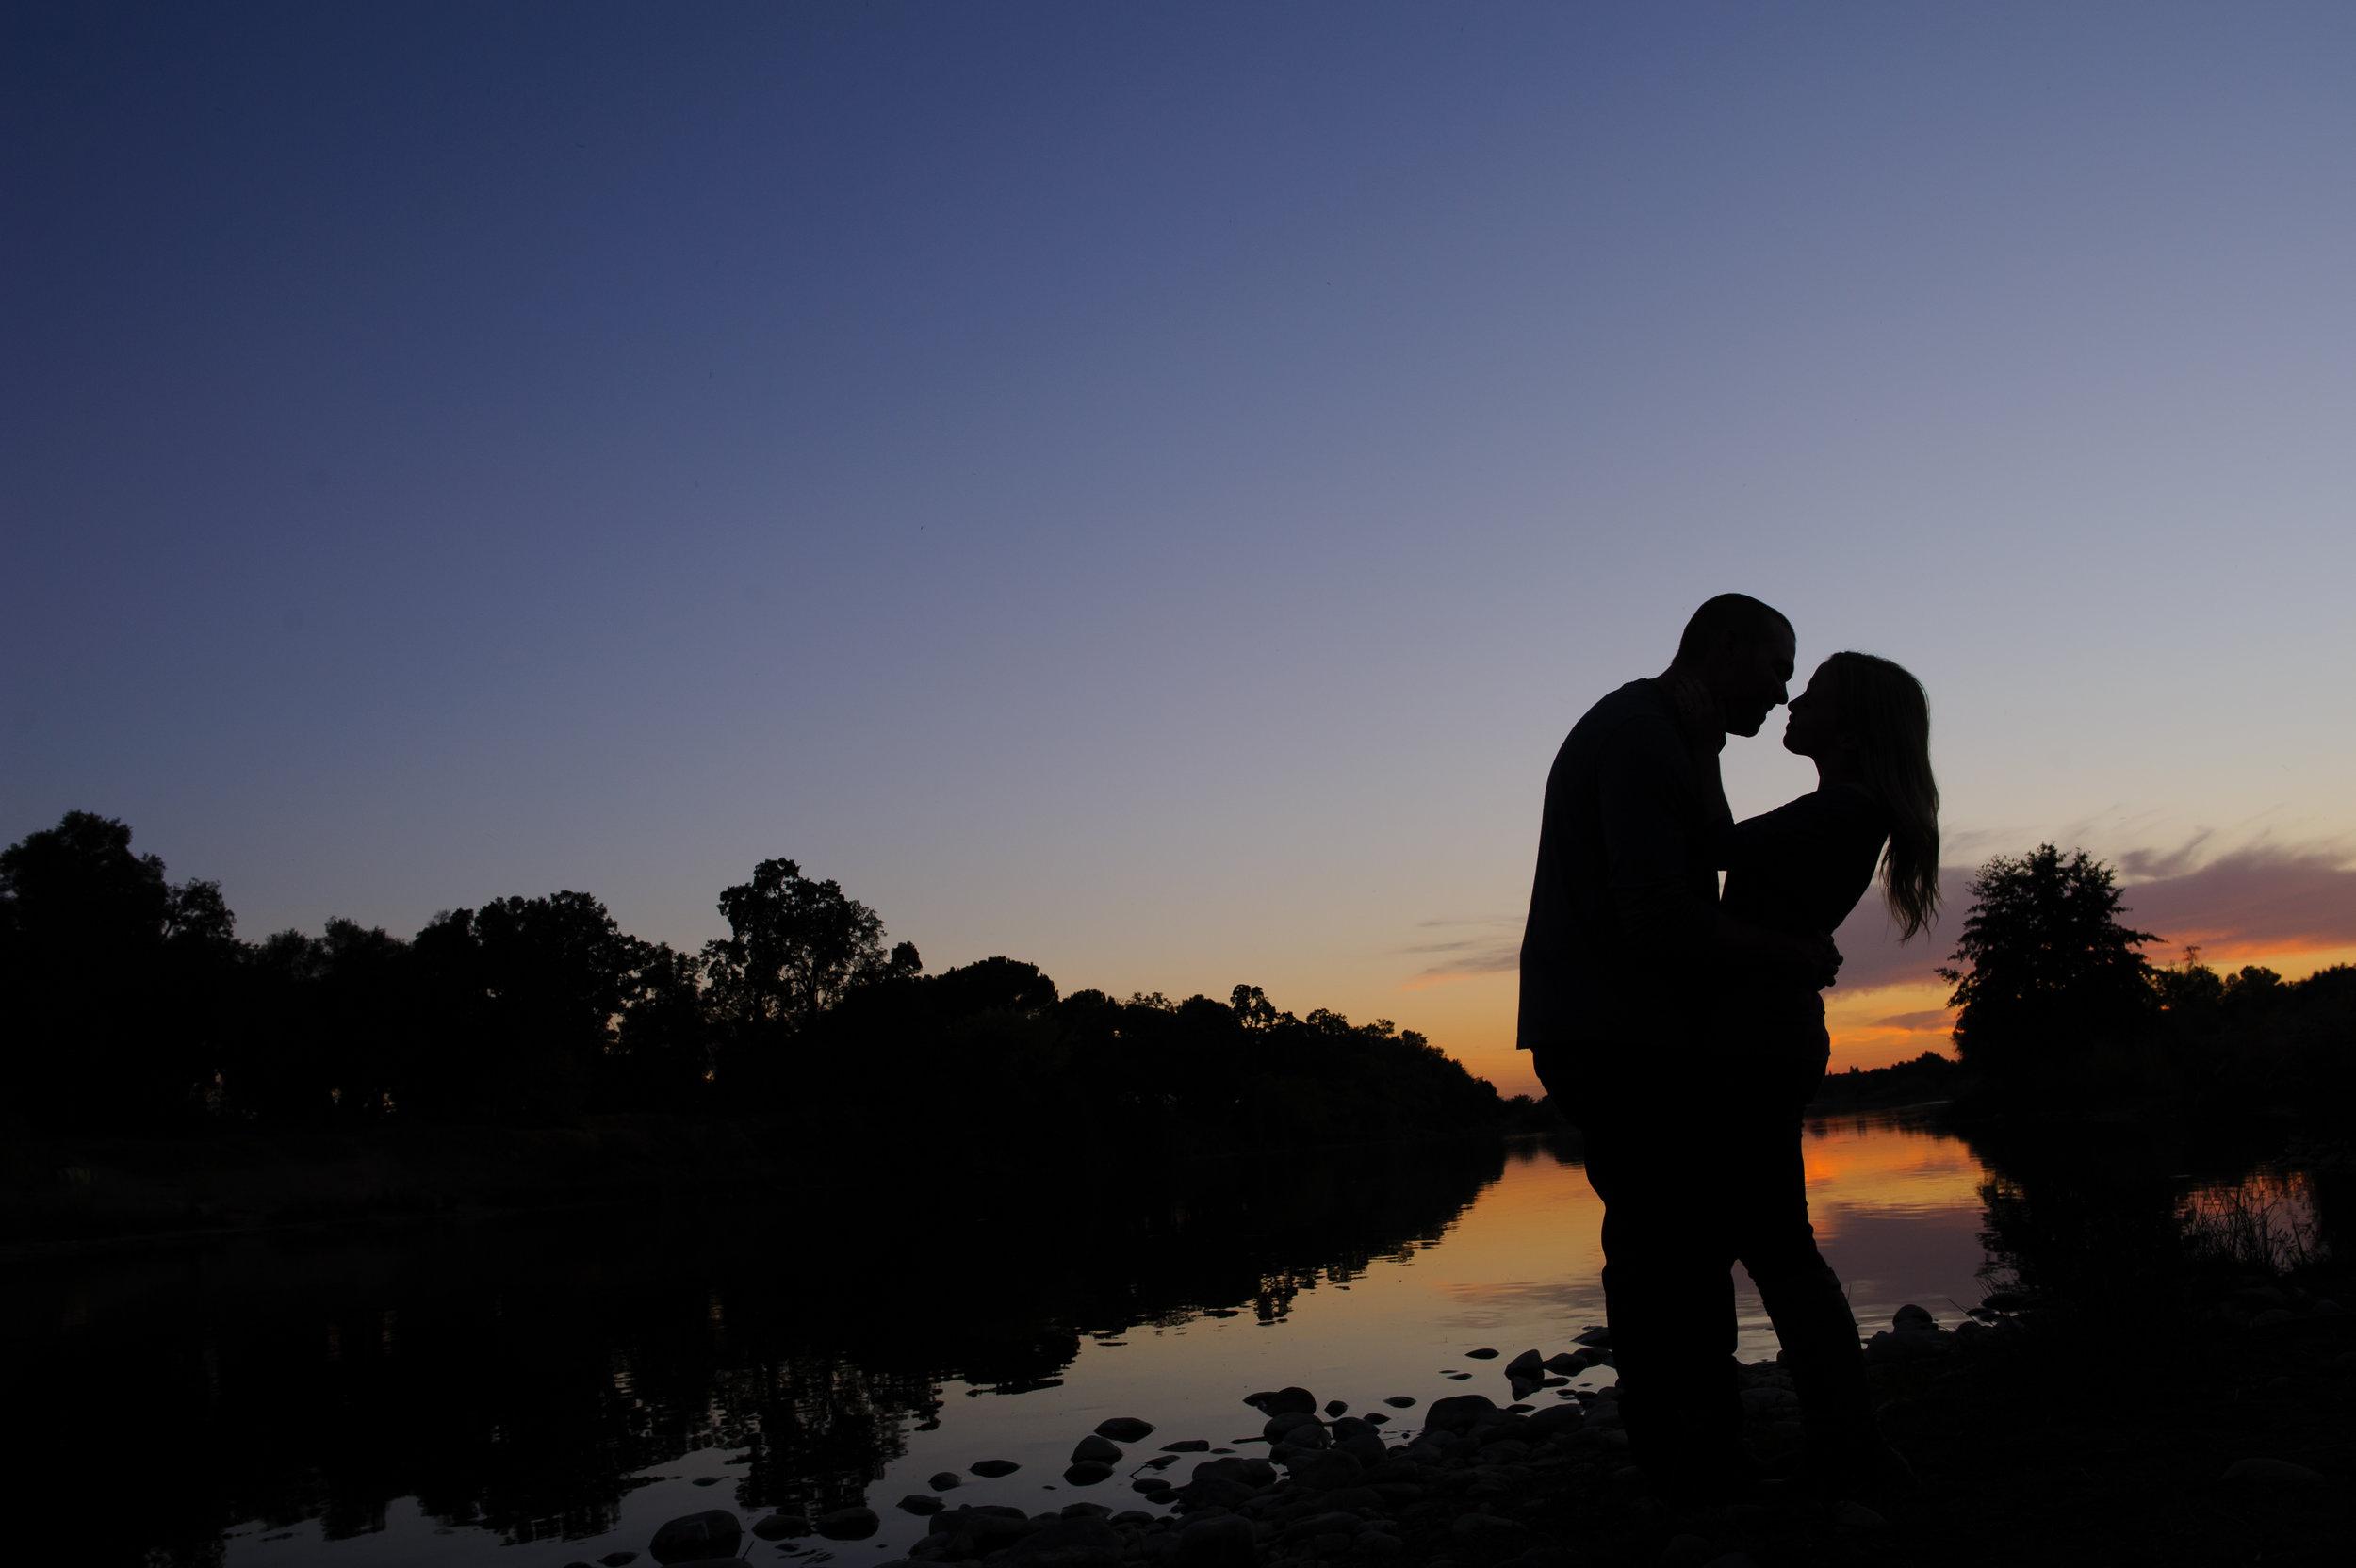 jenelle-brian-001-sacramento-engagement-wedding-photographer-katherine-nicole-photography.JPG